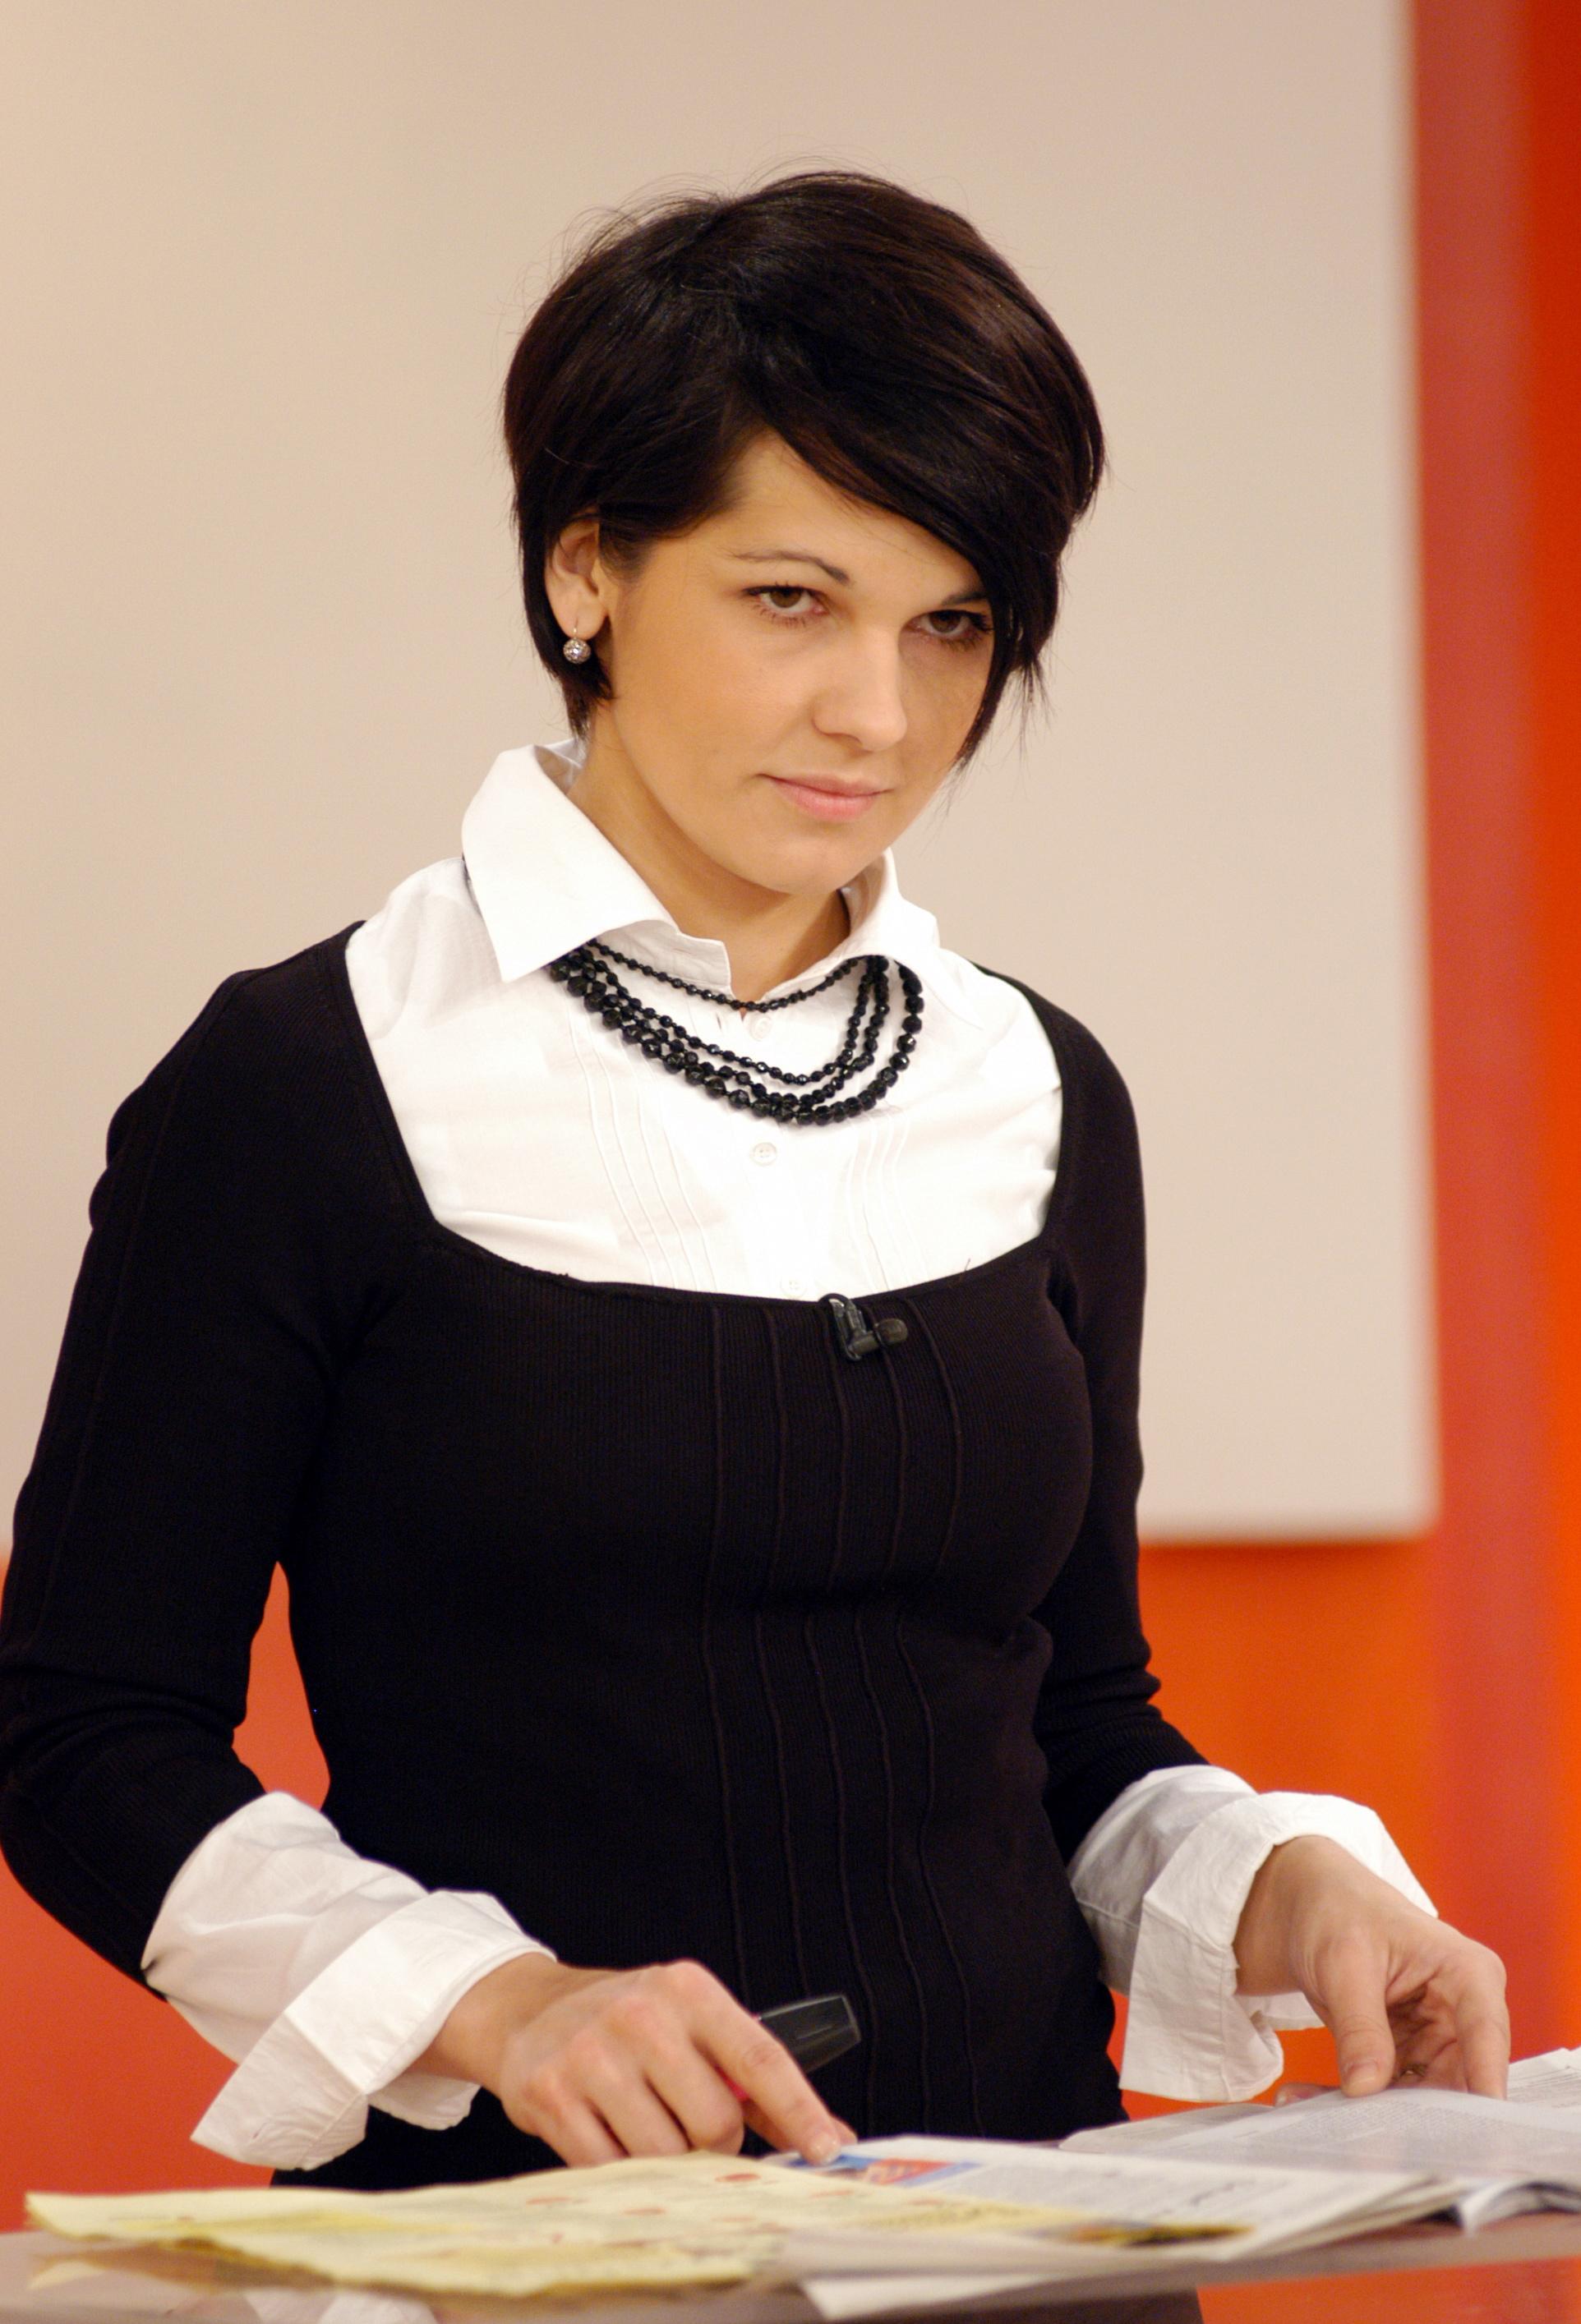 58089_Edyta_Lewandowska_2301_335lo.JPG